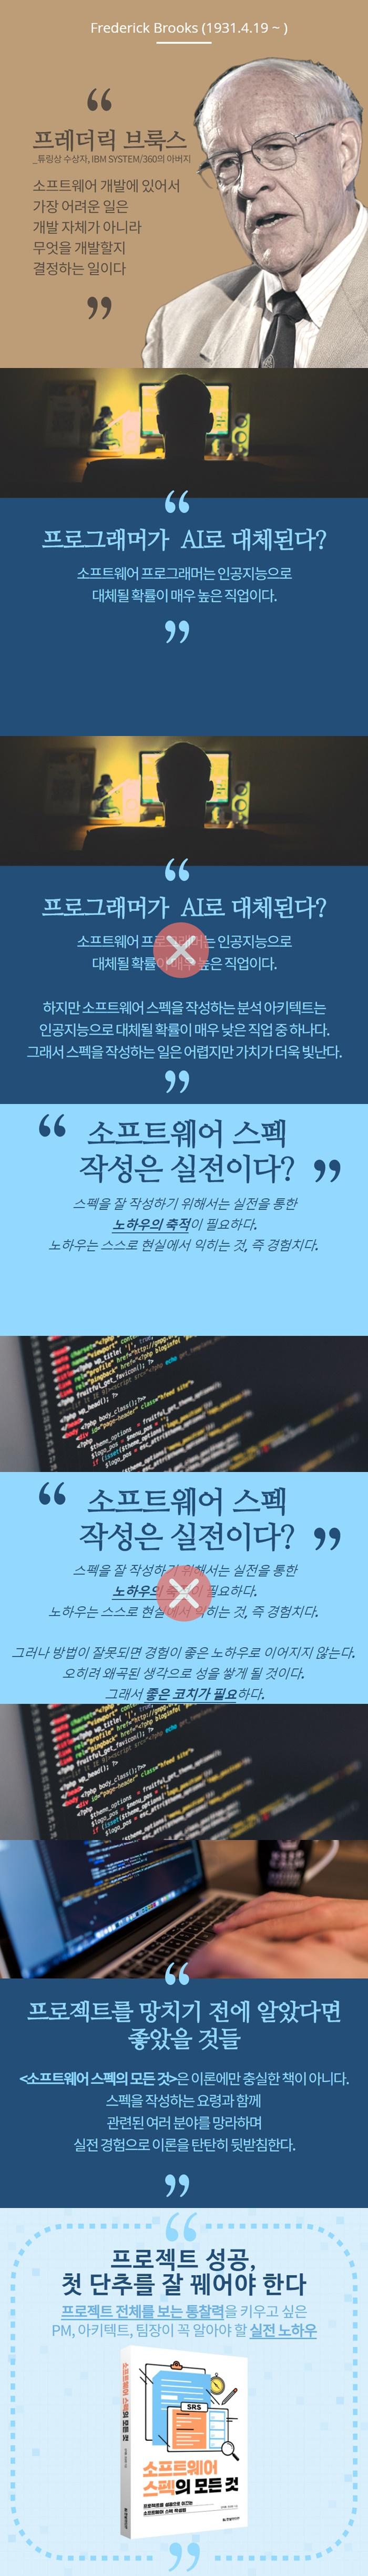 소프트웨어스펙의모든것_상세이미지_700px.jpg